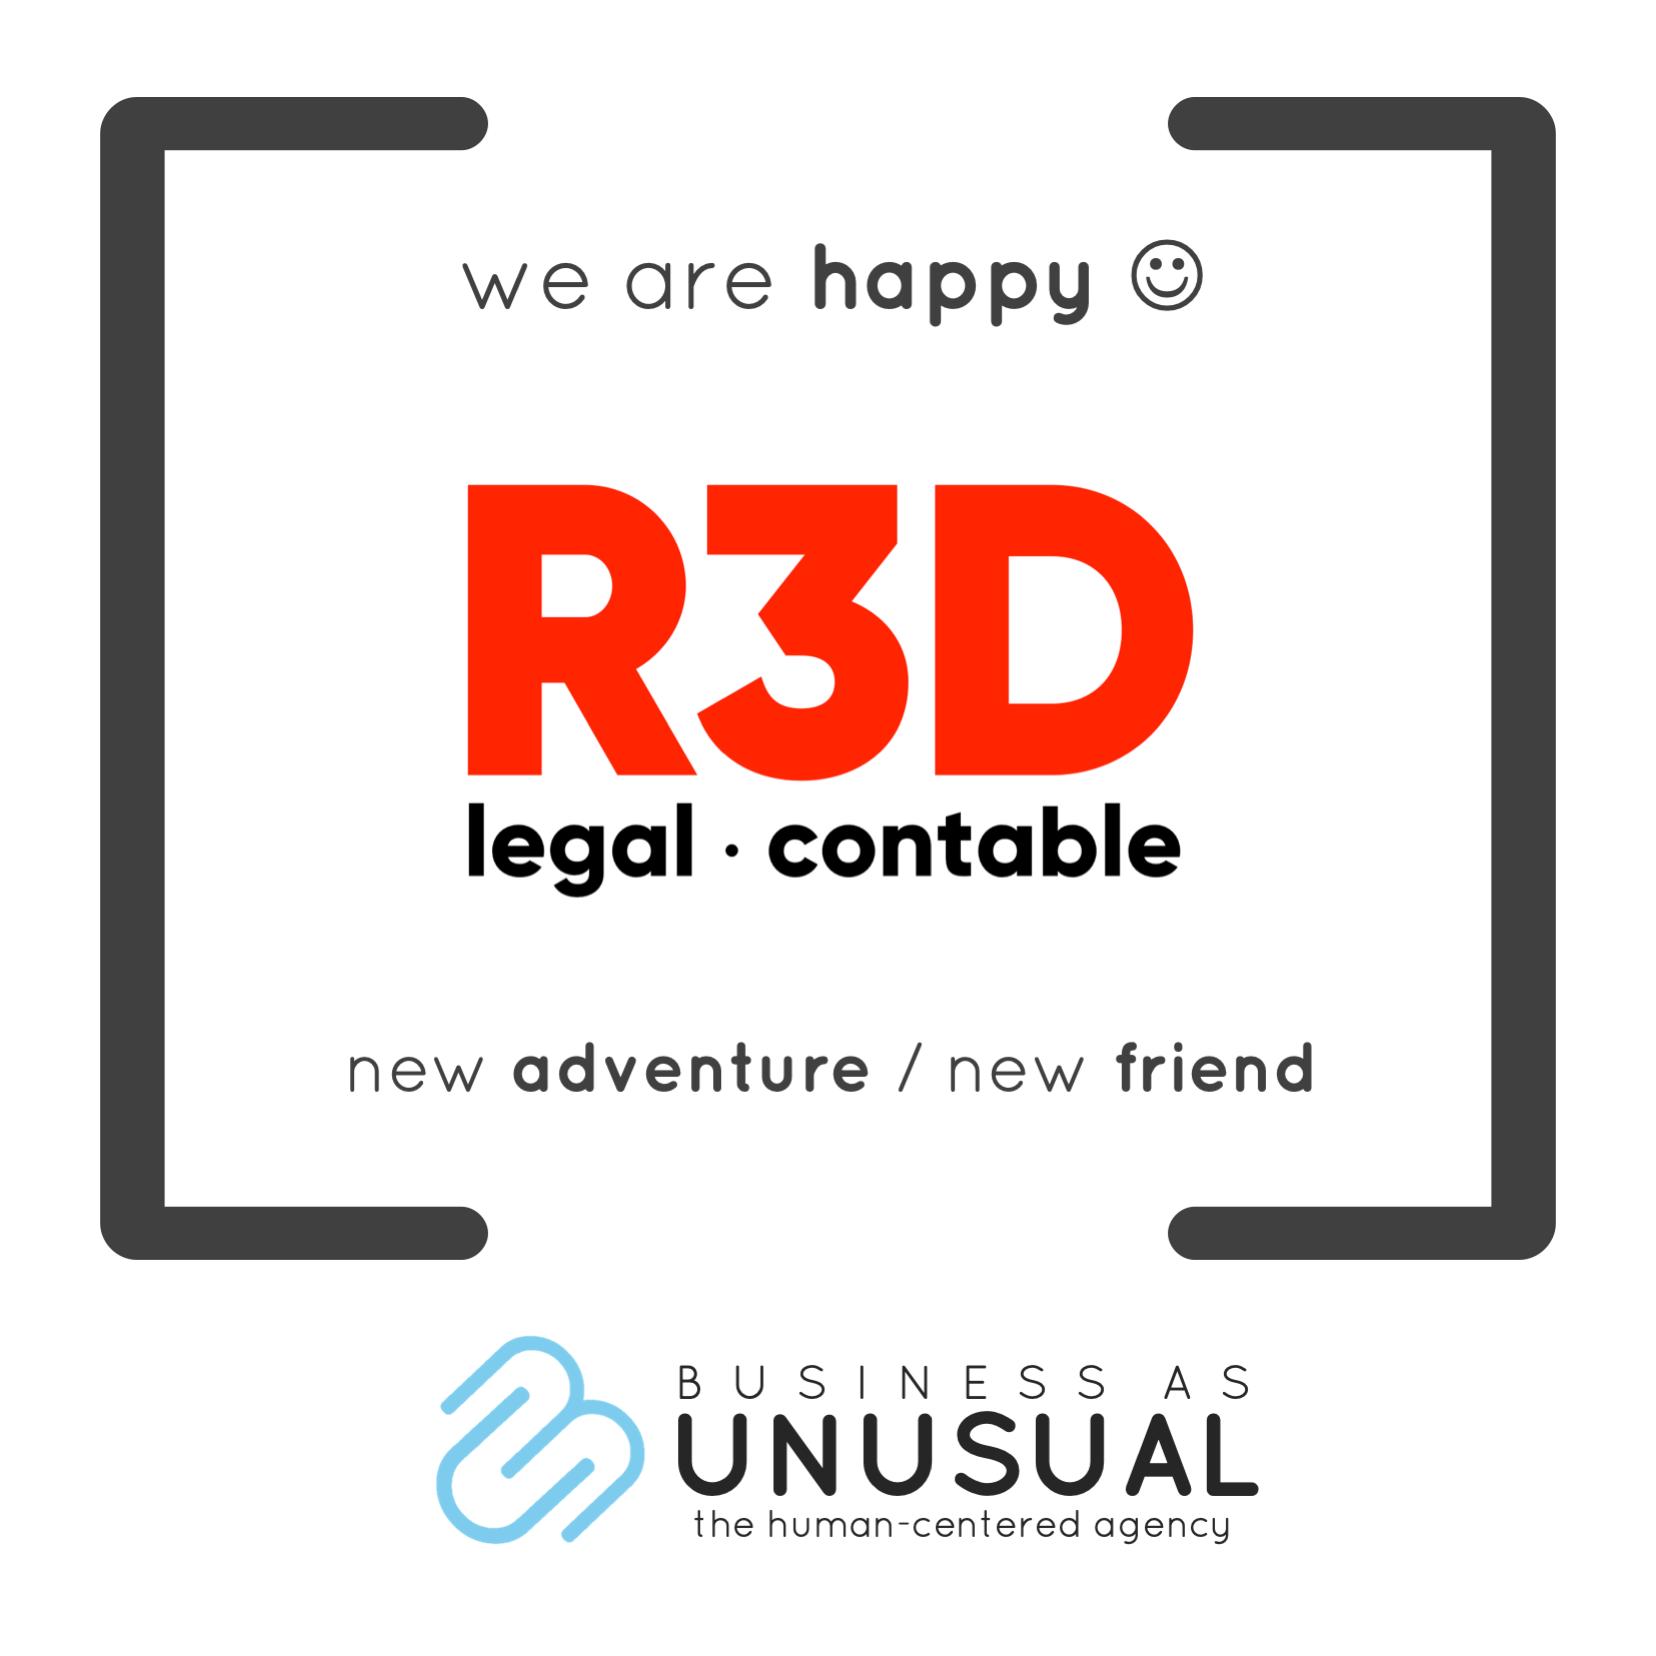 R3D Legal Services